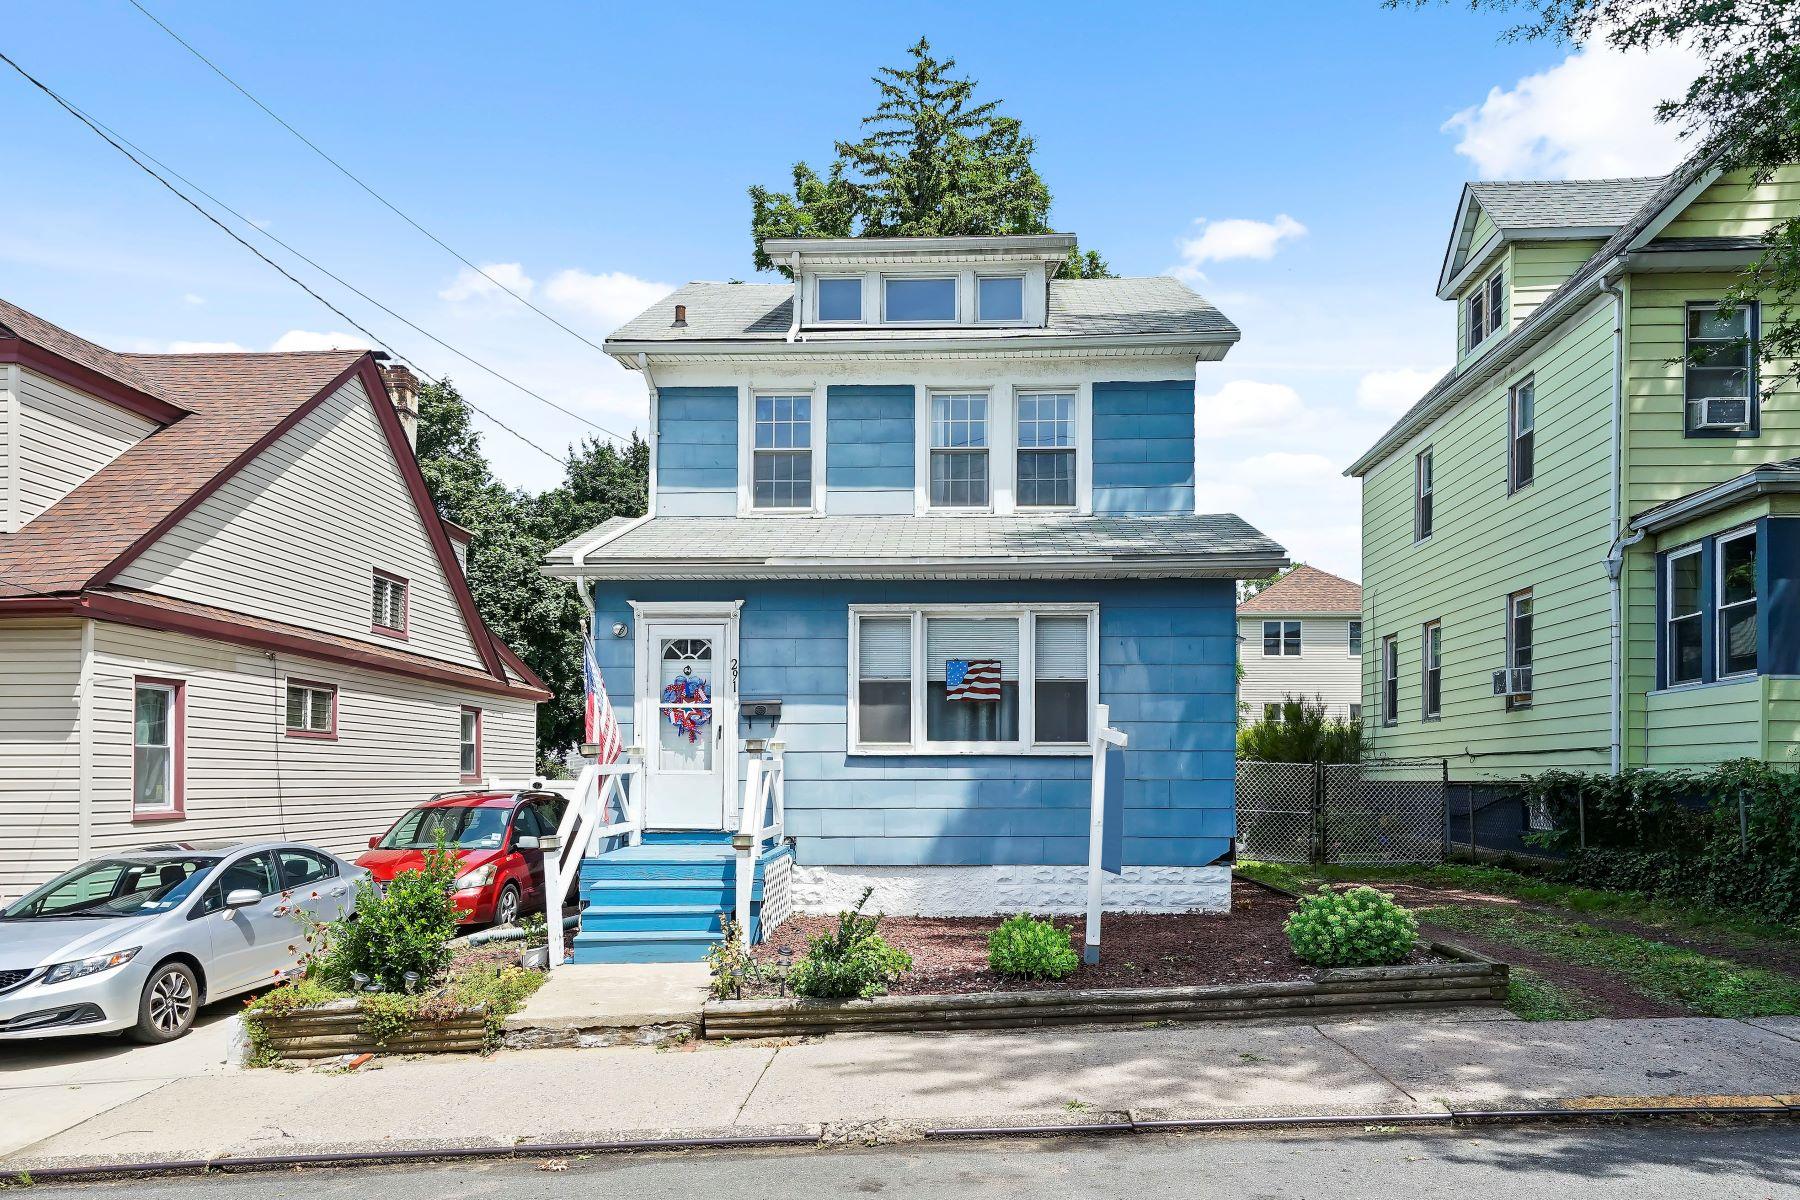 Casa Unifamiliar por un Venta en 291 Pelton 291 Pelton Avenue Staten Island, Nueva York 10310 Estados Unidos